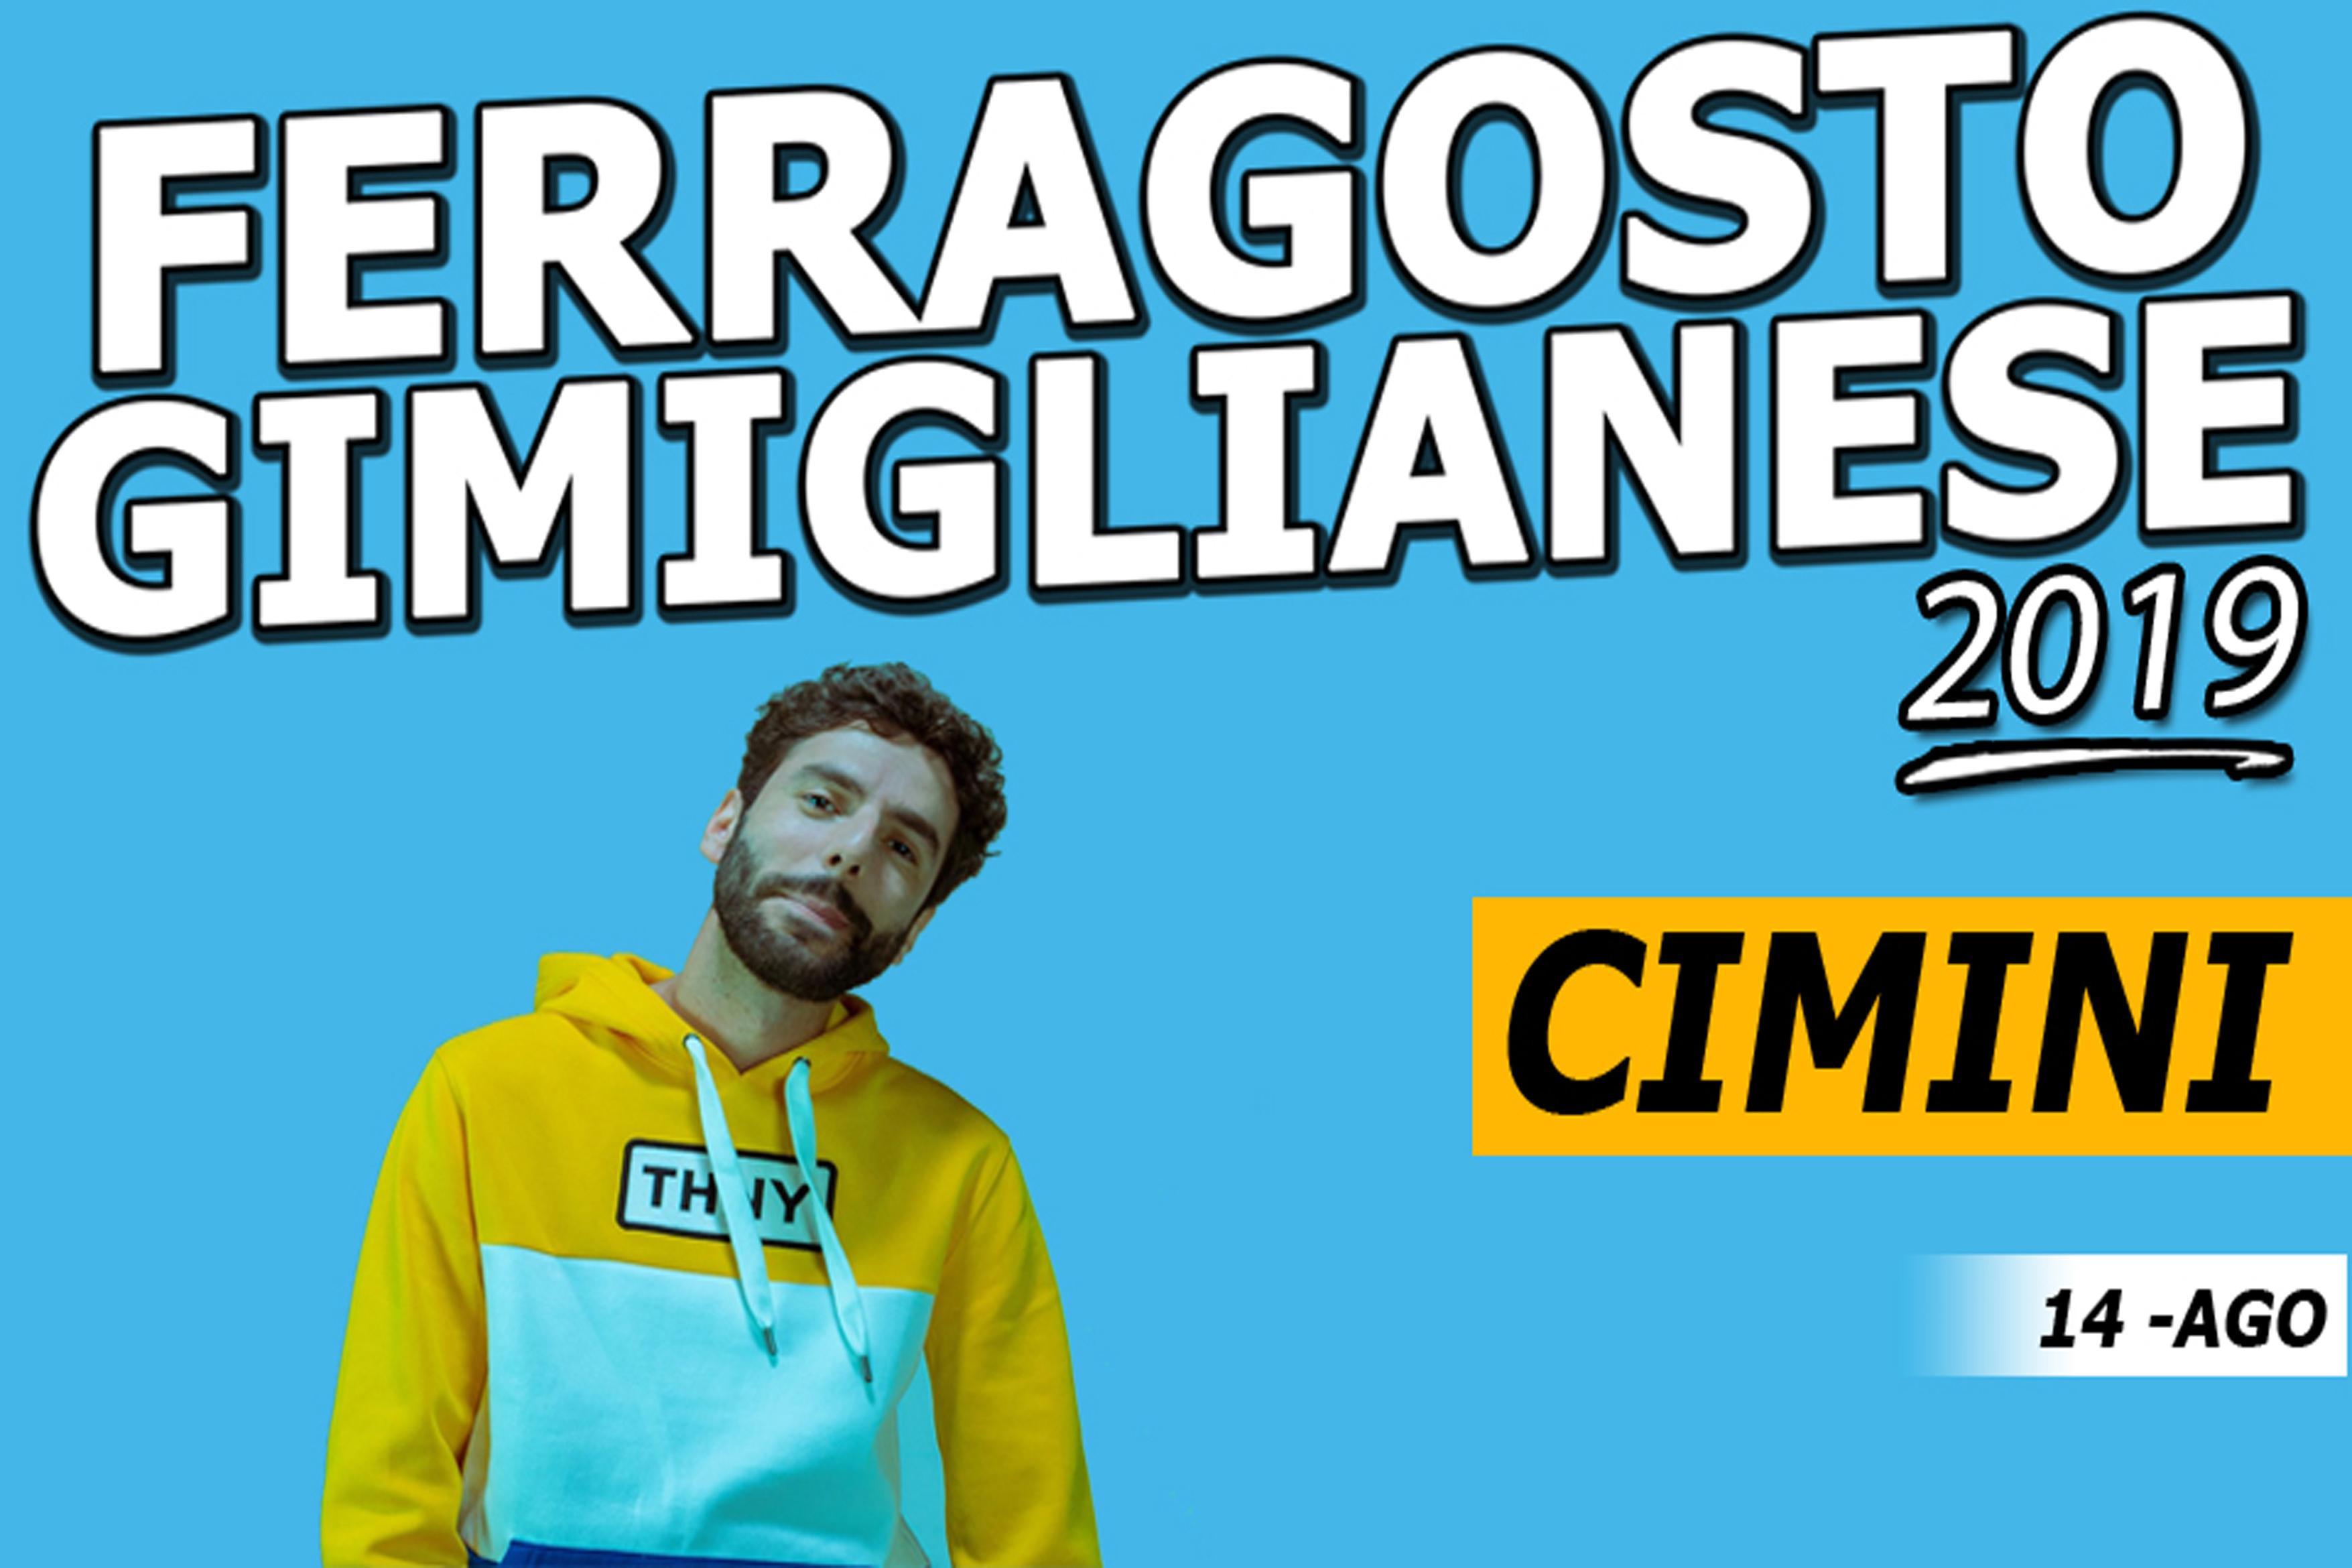 http://iniziativagimigliano.com/domain/wp-content/uploads/2019/07/cimini-3510X3240.jpg